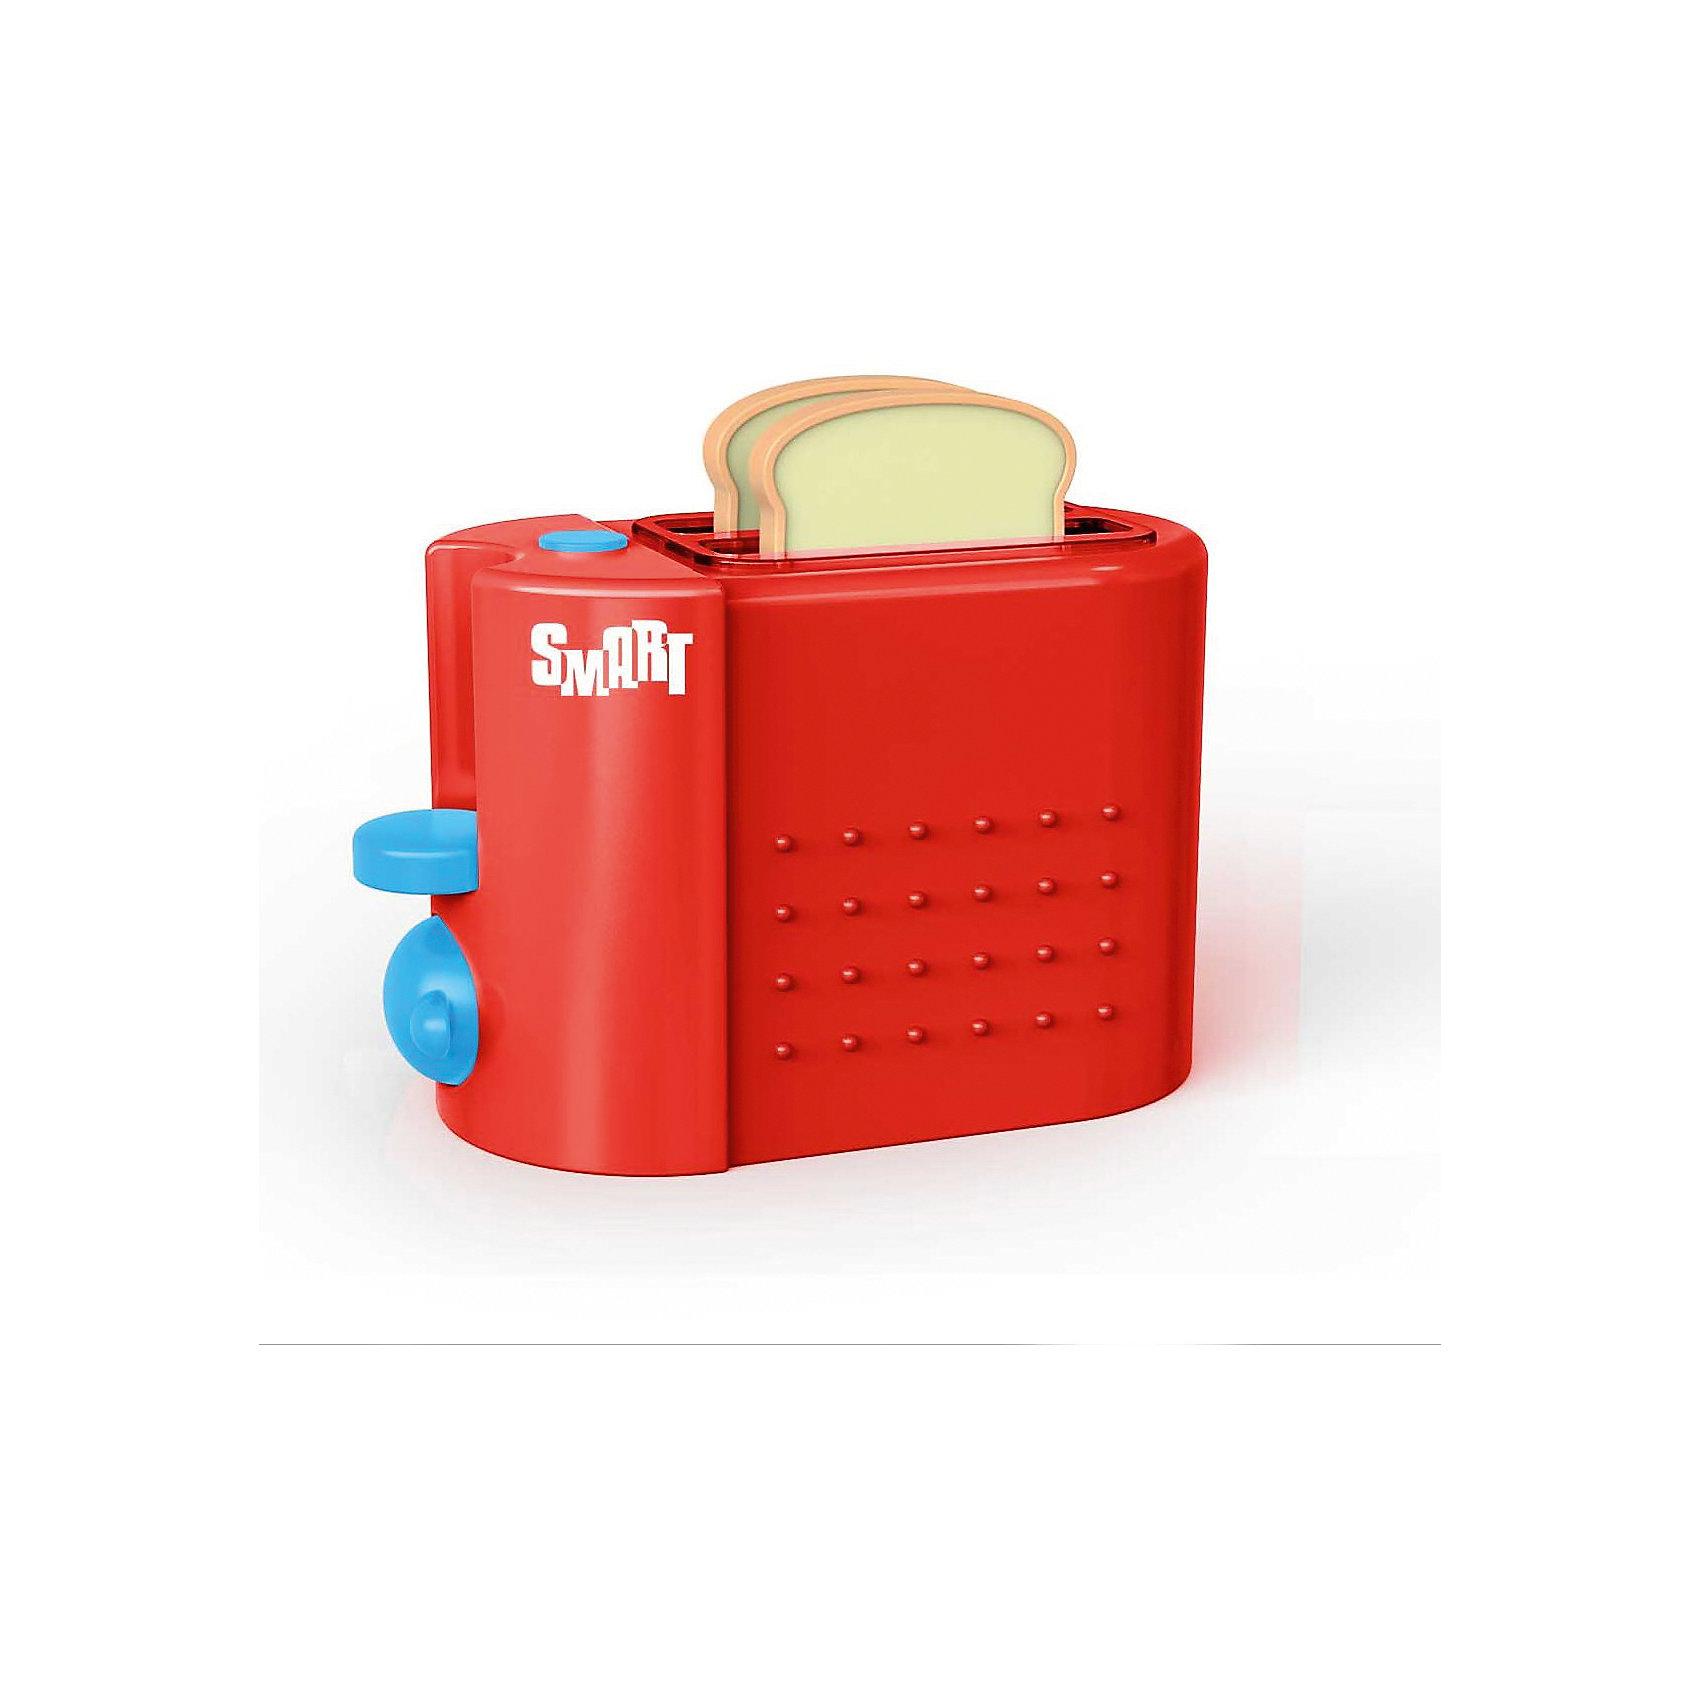 Тостер Smart, HTIТостер Smart, HTI.<br><br>Характеристика: <br><br>• Материал: пластик. <br>• Размер упаковки: 18,5х15,5х9,5 см. <br>• Размер тостера: 14х11х10 см.<br>• Комплектация: тостер, 2 куска хлеба. <br>• Яркий привлекательный дизайн. <br>• Элемент питания: 2 ААА батарейки (не входят в комплект). <br>• Световые и звуковые эффекты. <br><br>Яркий тостер Smart займет достойное место на любой игрушечной кухне! Игрушка прекрасно детализирована и выглядит, как настоящий тостер. Благодаря световым эффектам кажется, что элемент накаливания, действительно, работает. Реалистичные звуки сделают игры еще интереснее и увлекательнее. Тостер изготовлен из высококачественного прочного пластика безопасного для детей.<br><br>Тостер Smart, HTI, можно купить в нашем интернет-магазине.<br><br>Ширина мм: 182<br>Глубина мм: 156<br>Высота мм: 107<br>Вес г: 320<br>Возраст от месяцев: 36<br>Возраст до месяцев: 168<br>Пол: Женский<br>Возраст: Детский<br>SKU: 5366530